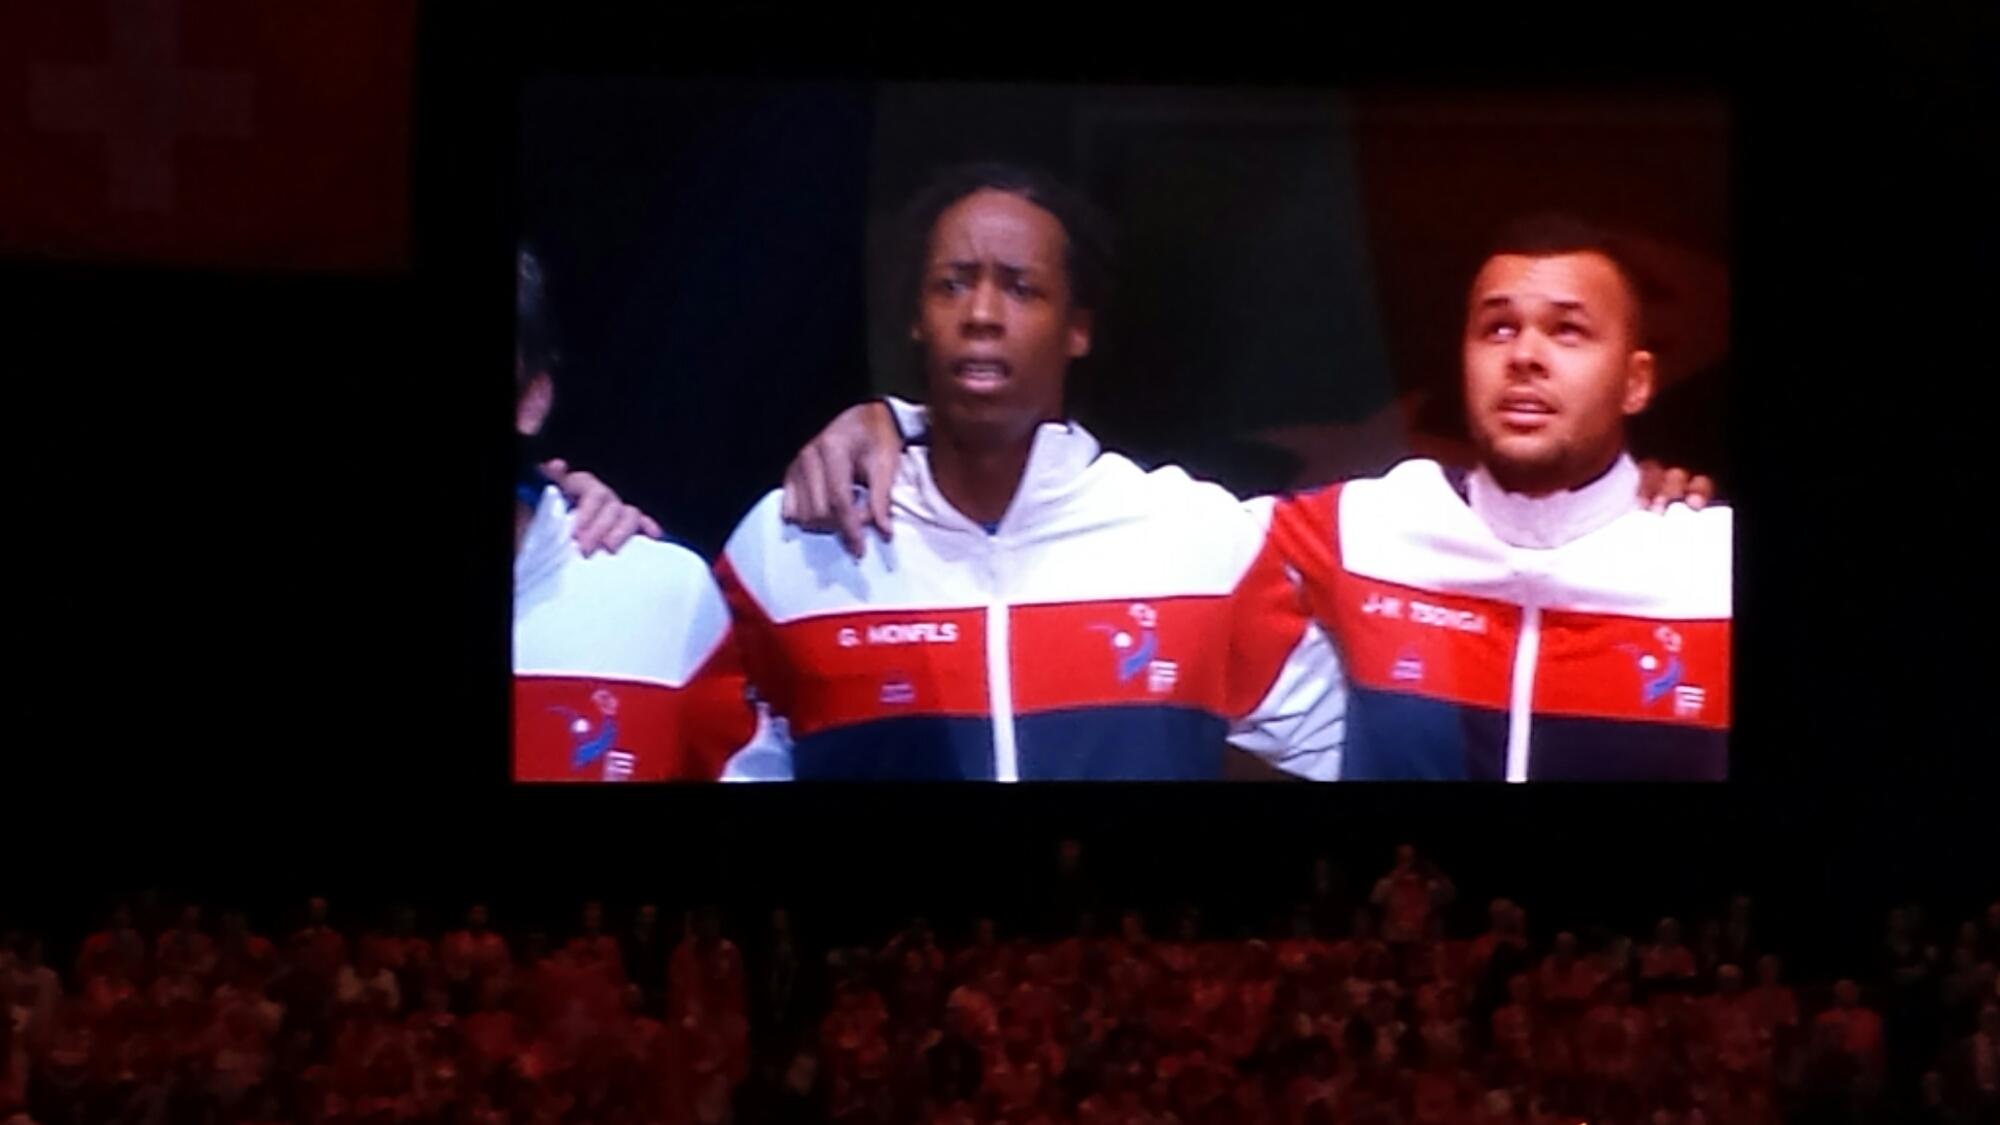 Monfils Tsonga Sing National Anthem